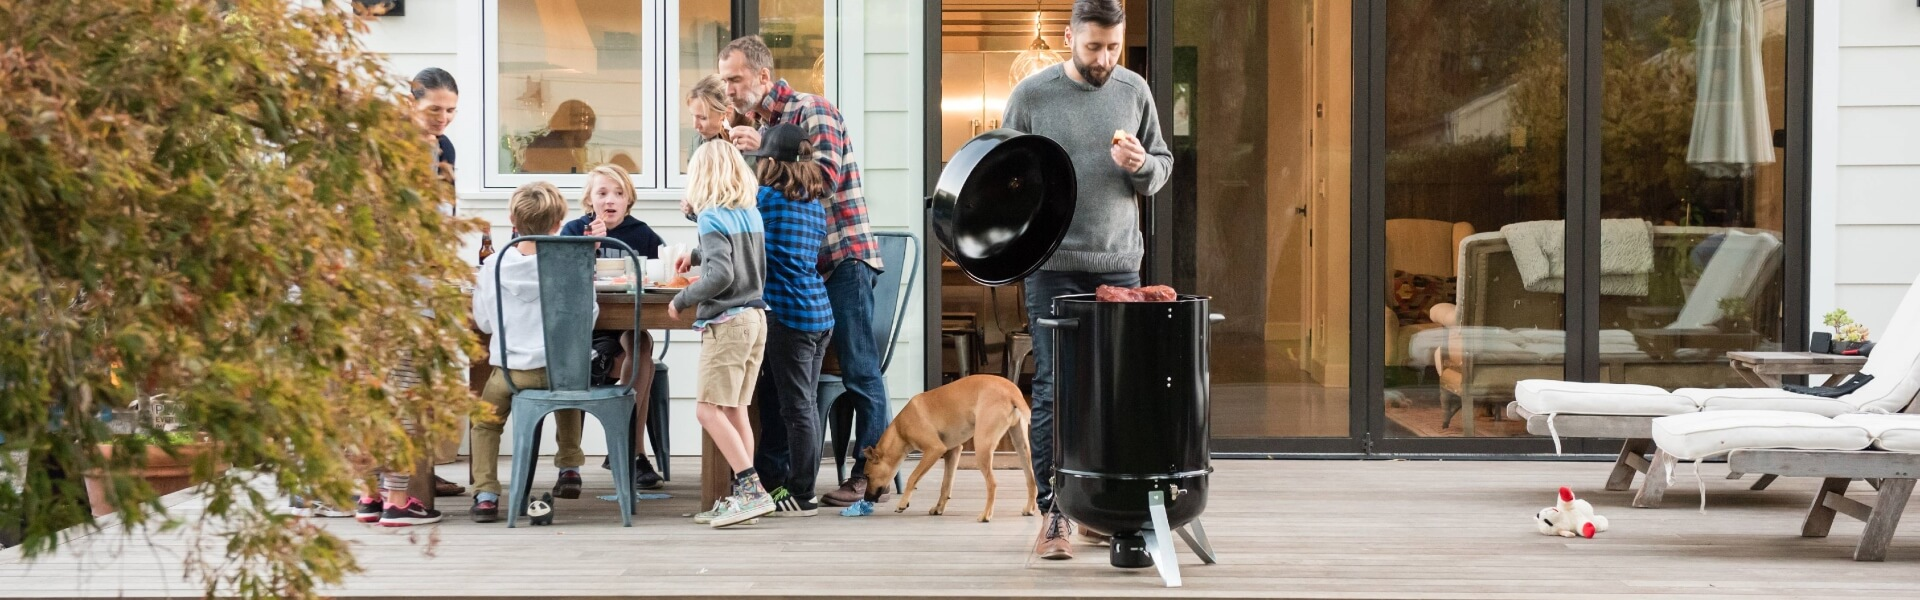 barbecue au charbon de bois à moins de 200 €